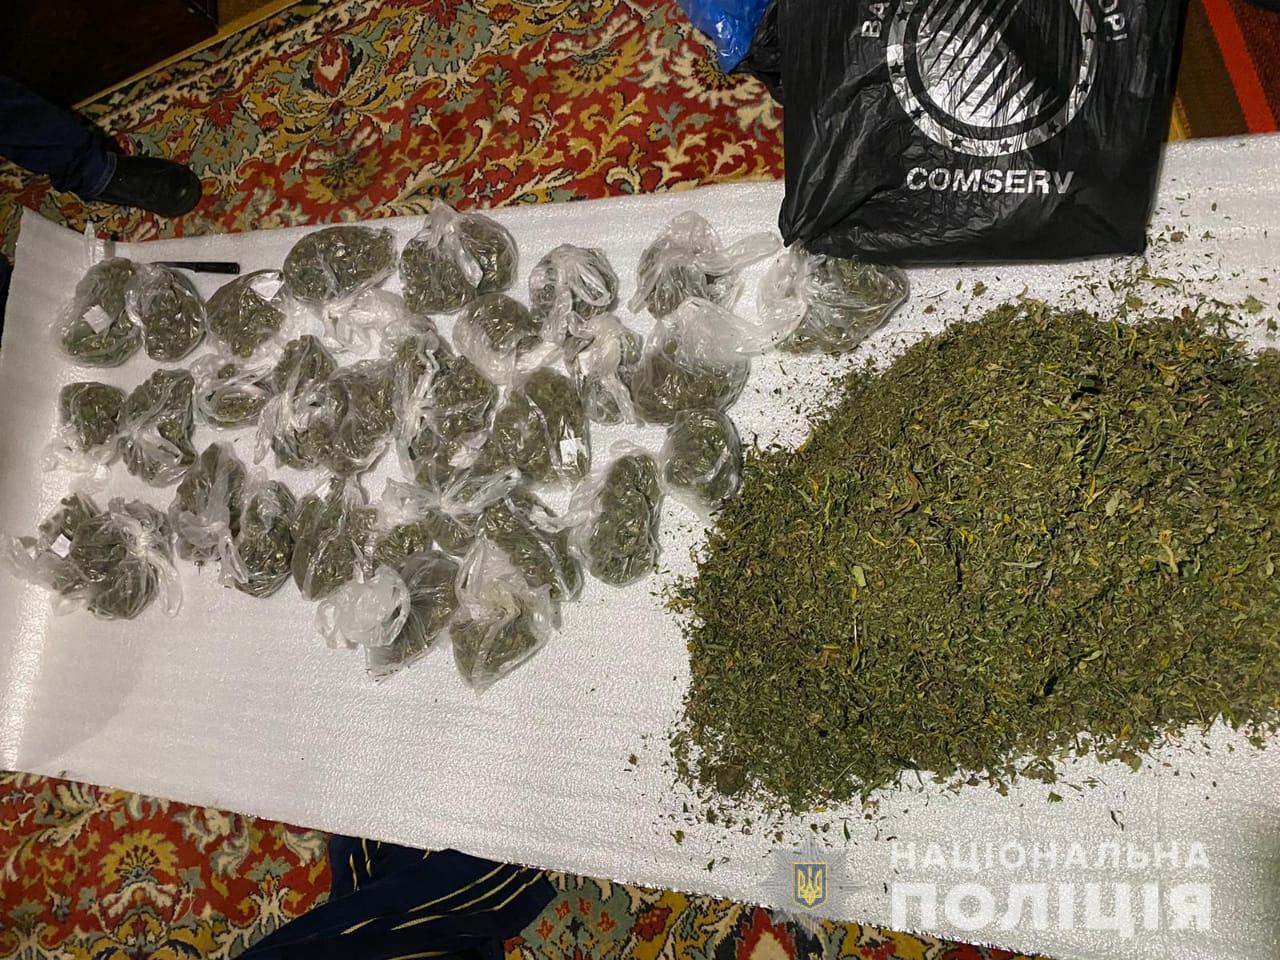 Полицейские за сутки нашли 8 кг каннабиса у жителей Харьковской области (фото)